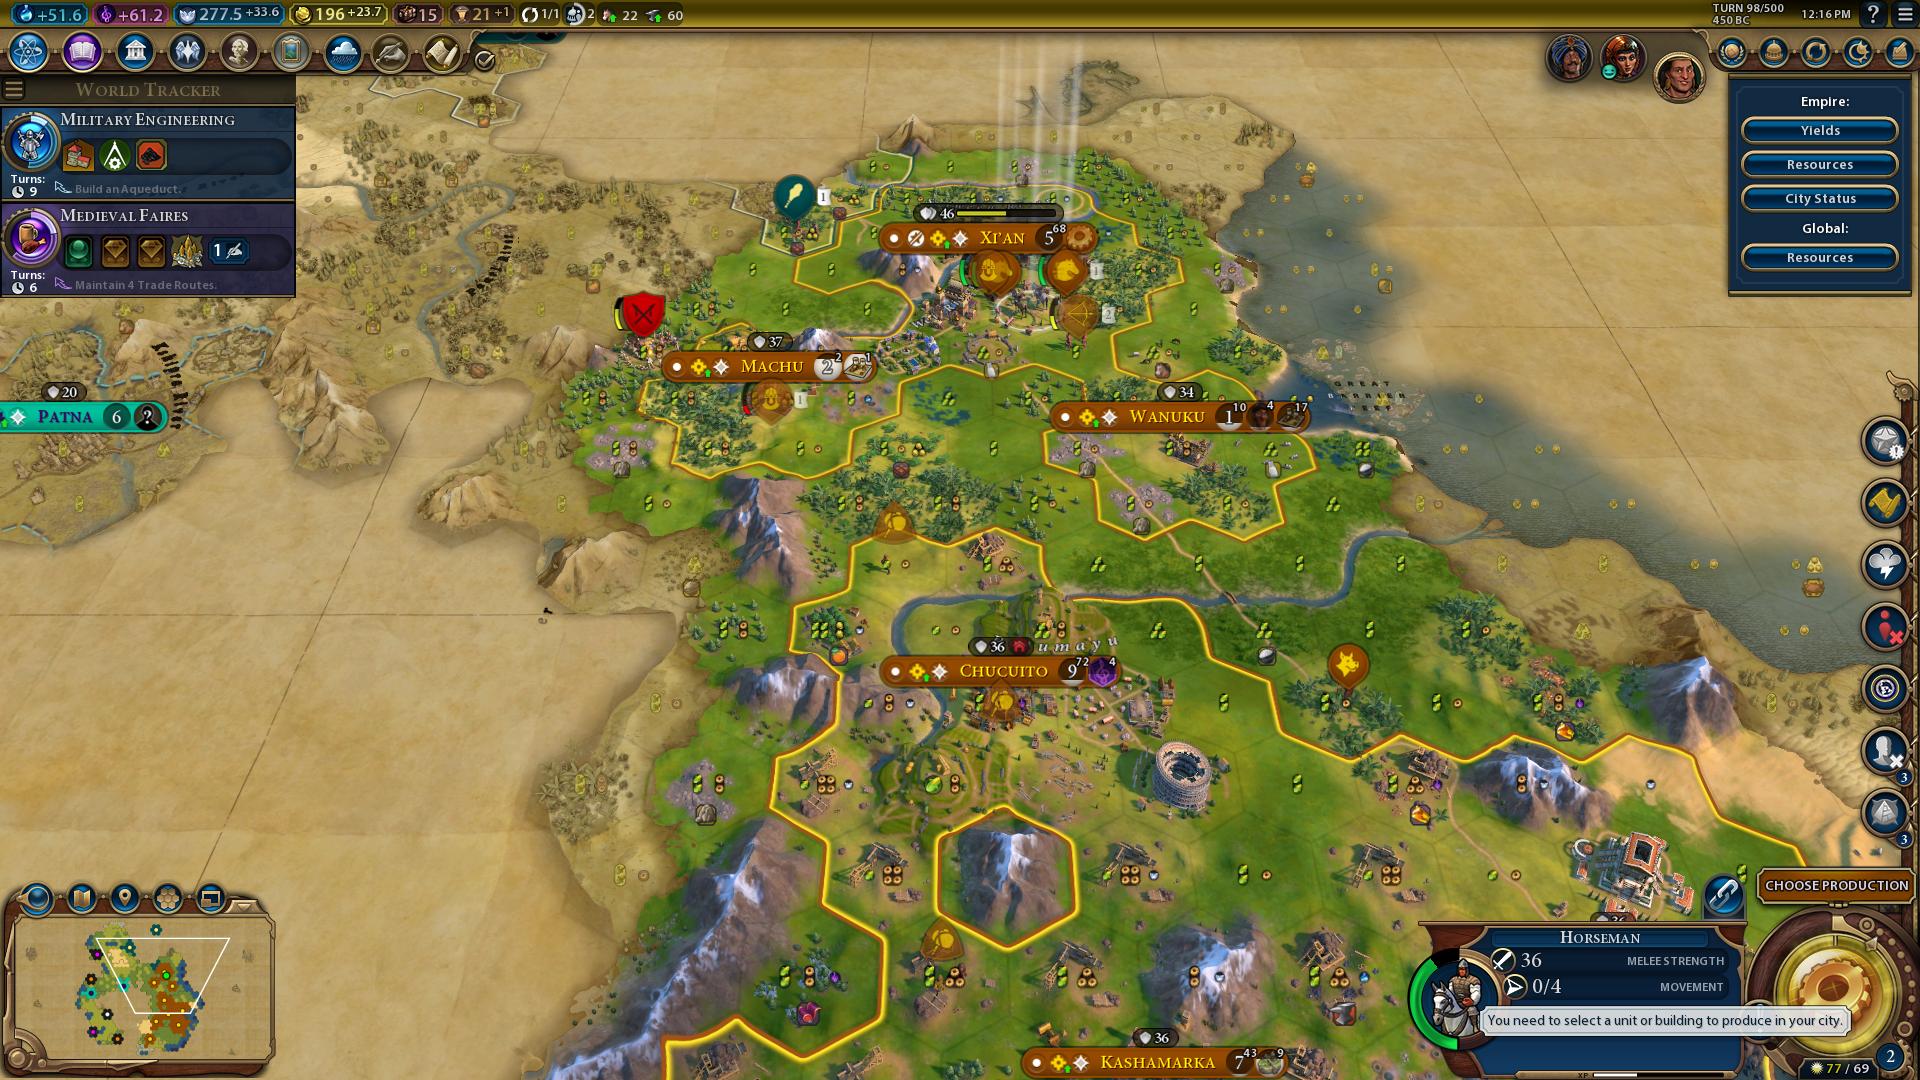 Sid Meier's Civilization VI (DX11) 3_3_2019 12_16_38 PM.png